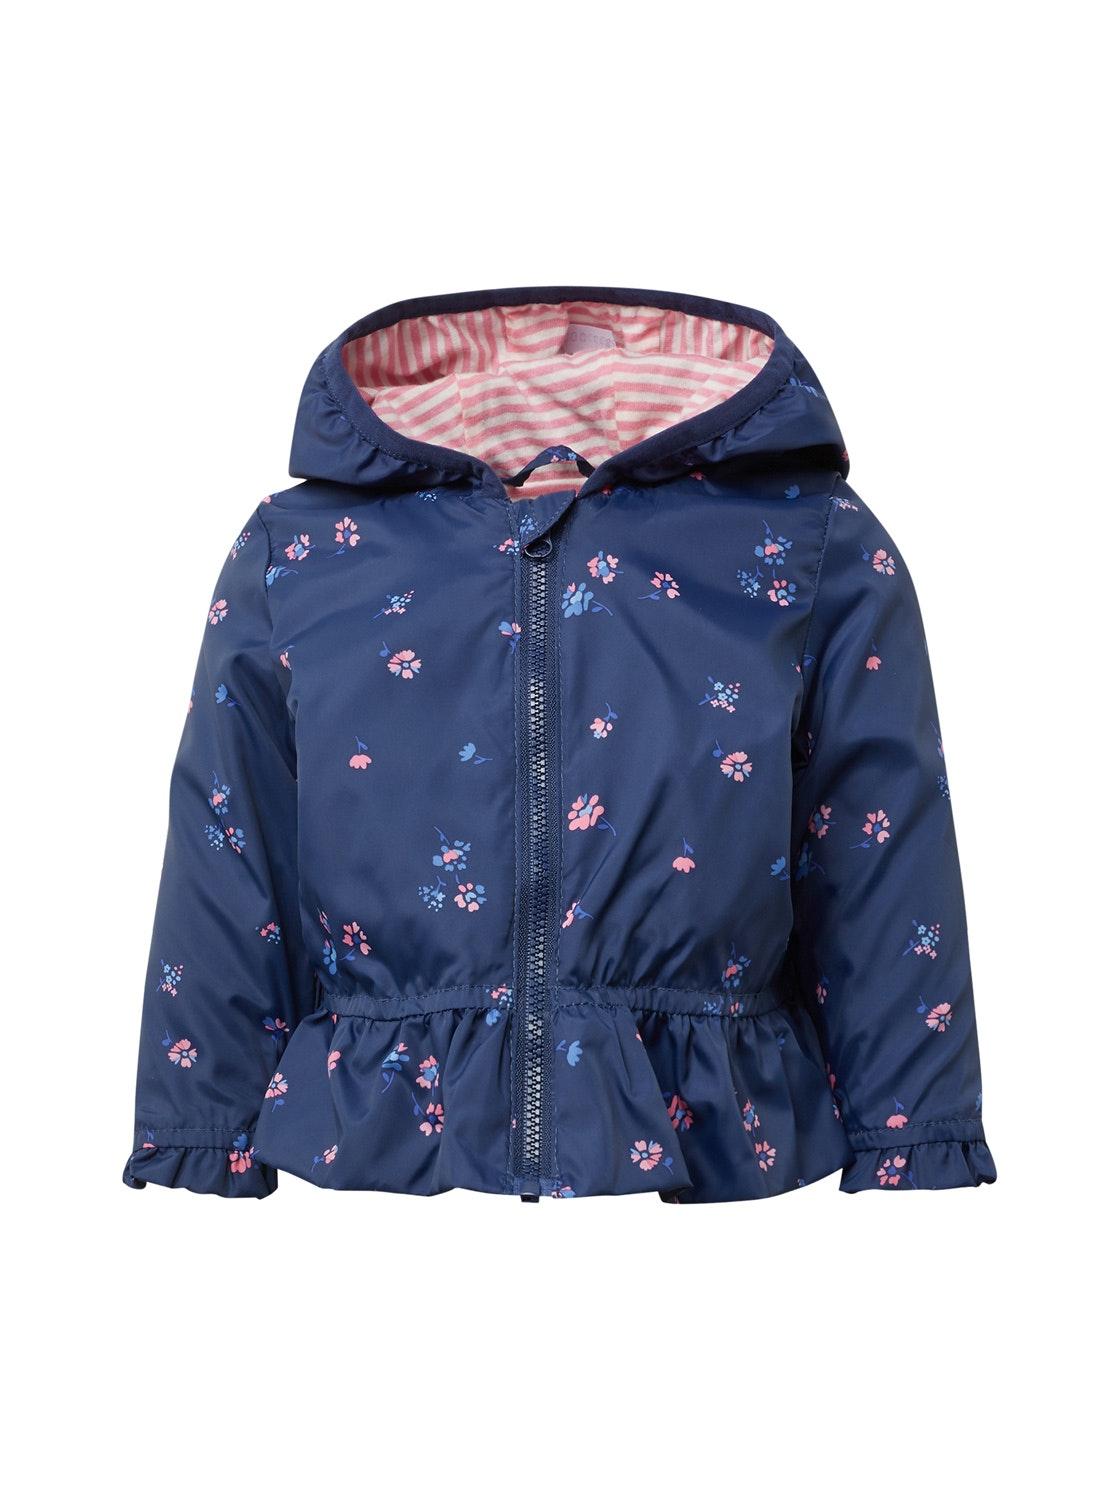 jacket patterned, medieval blue-blue